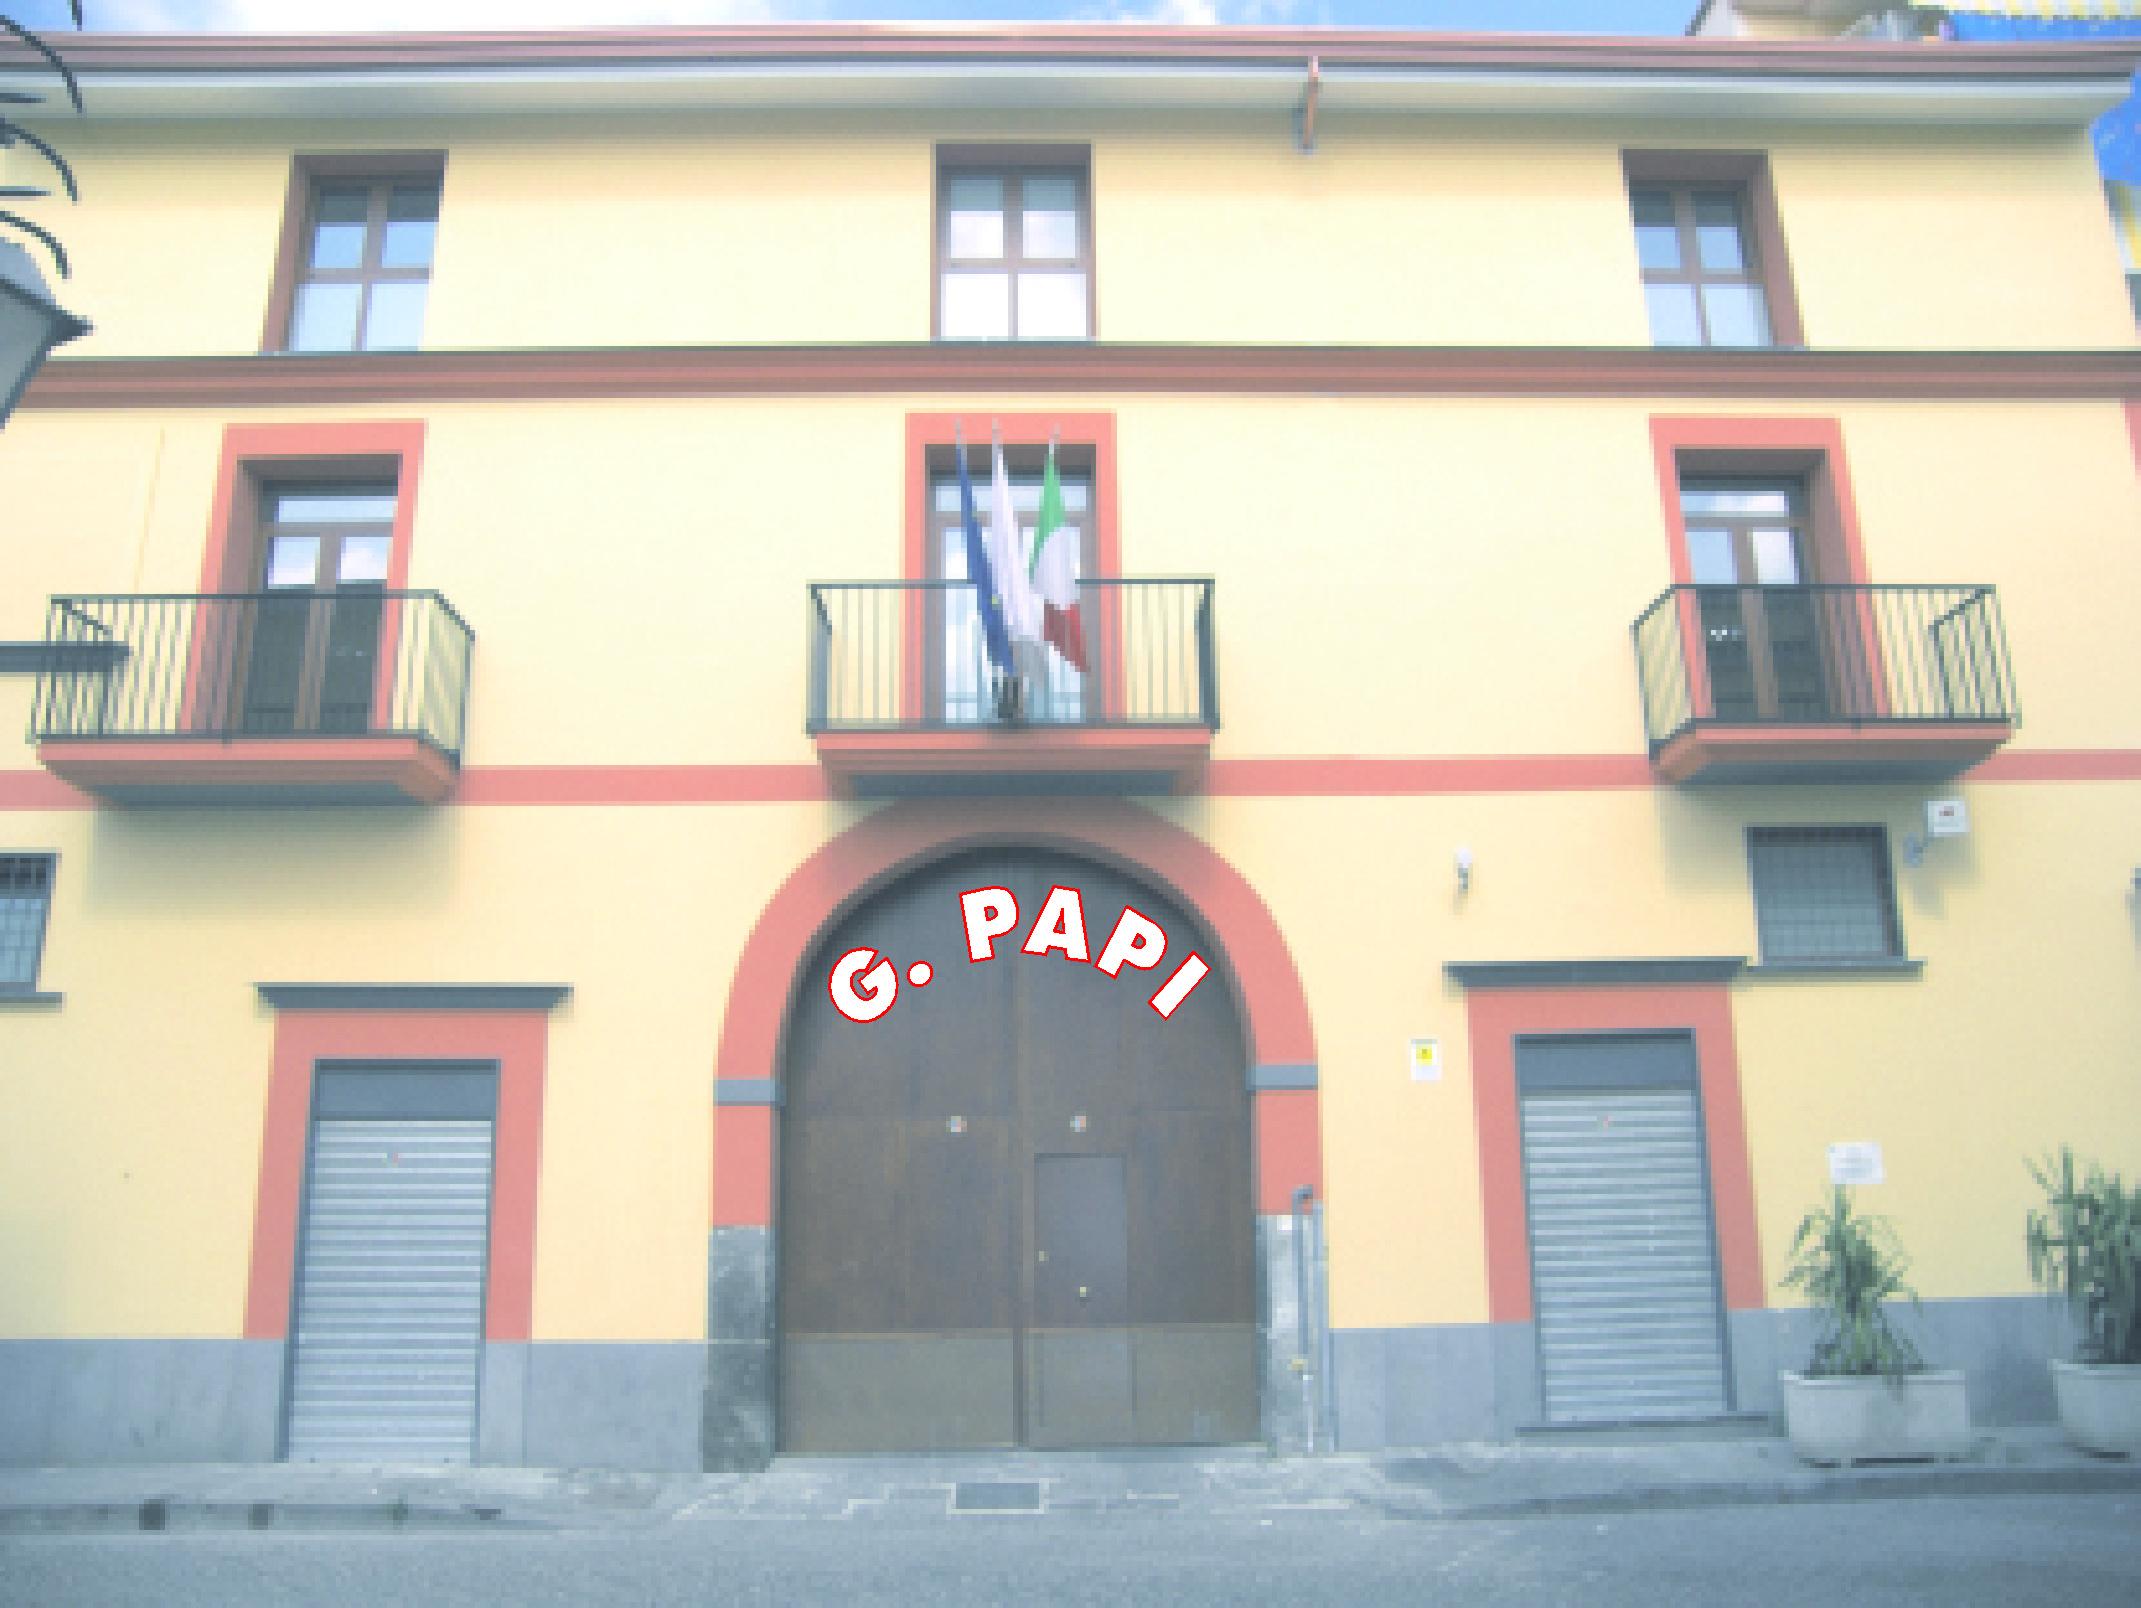 Istituto G.Papi di Pomigliano d'Arco: dai licei agli indirizzi professionali